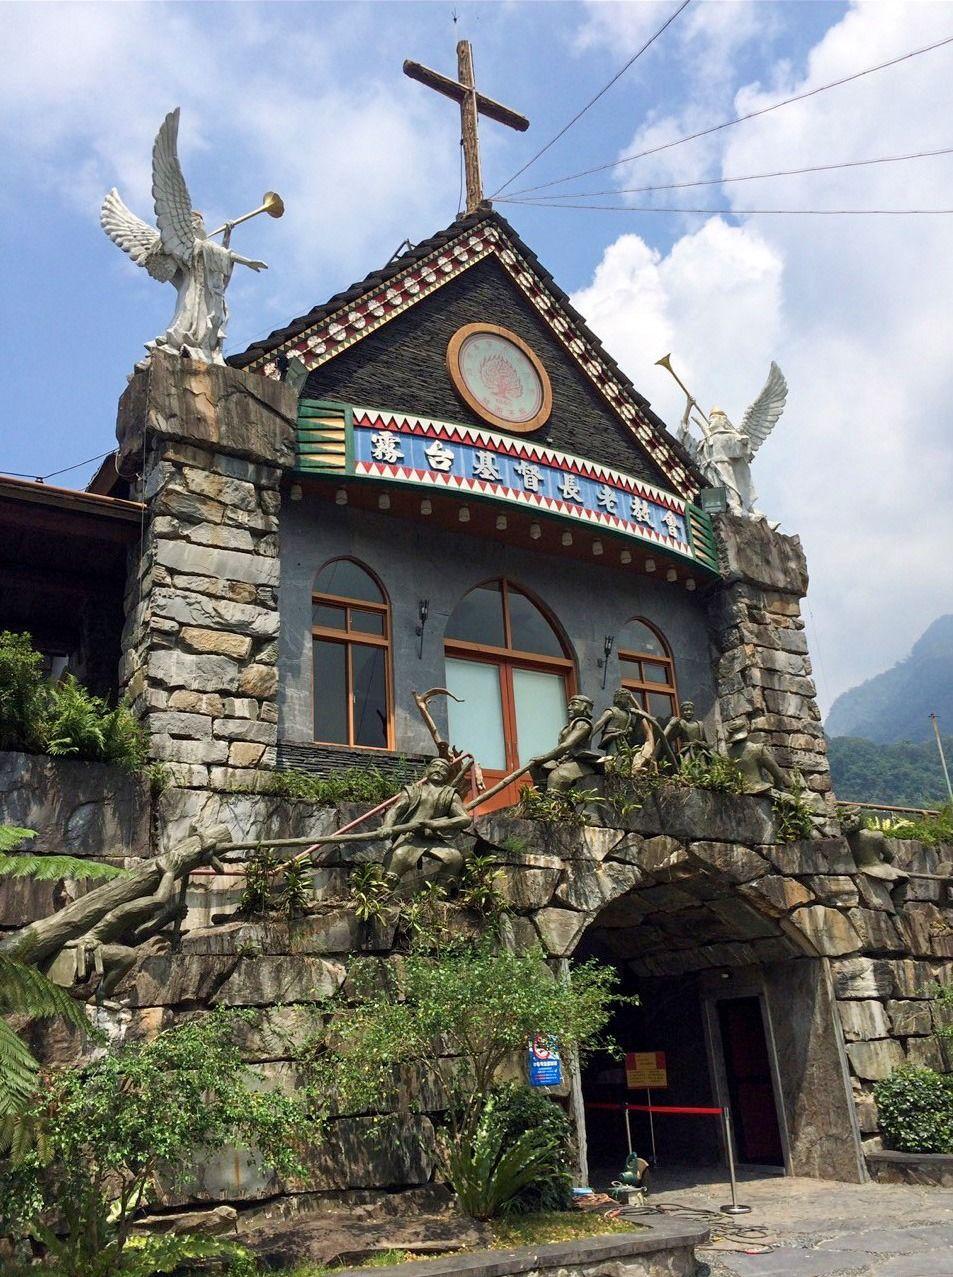 台湾最南端の県・屏東県にある「霧台郷」の教会(安村美佐子さん提供)